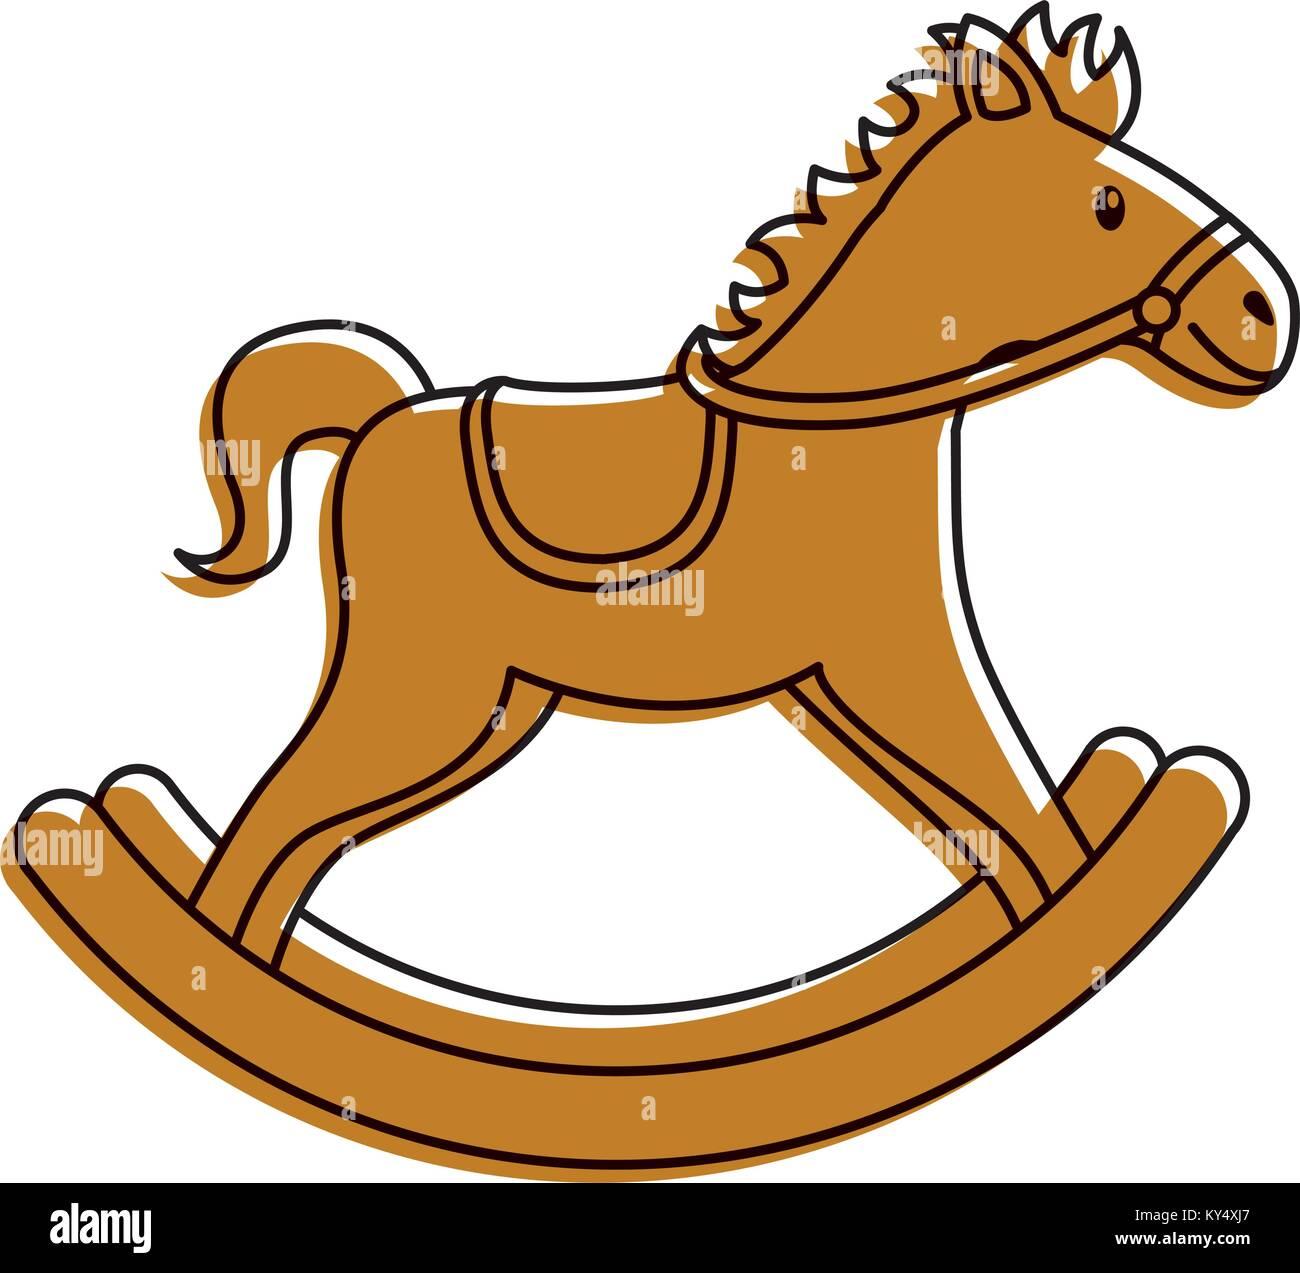 Cavallo Di Legno Giocattolo.Cavallo Di Legno A Dondolo Giocattolo Game Icona Illustrazione